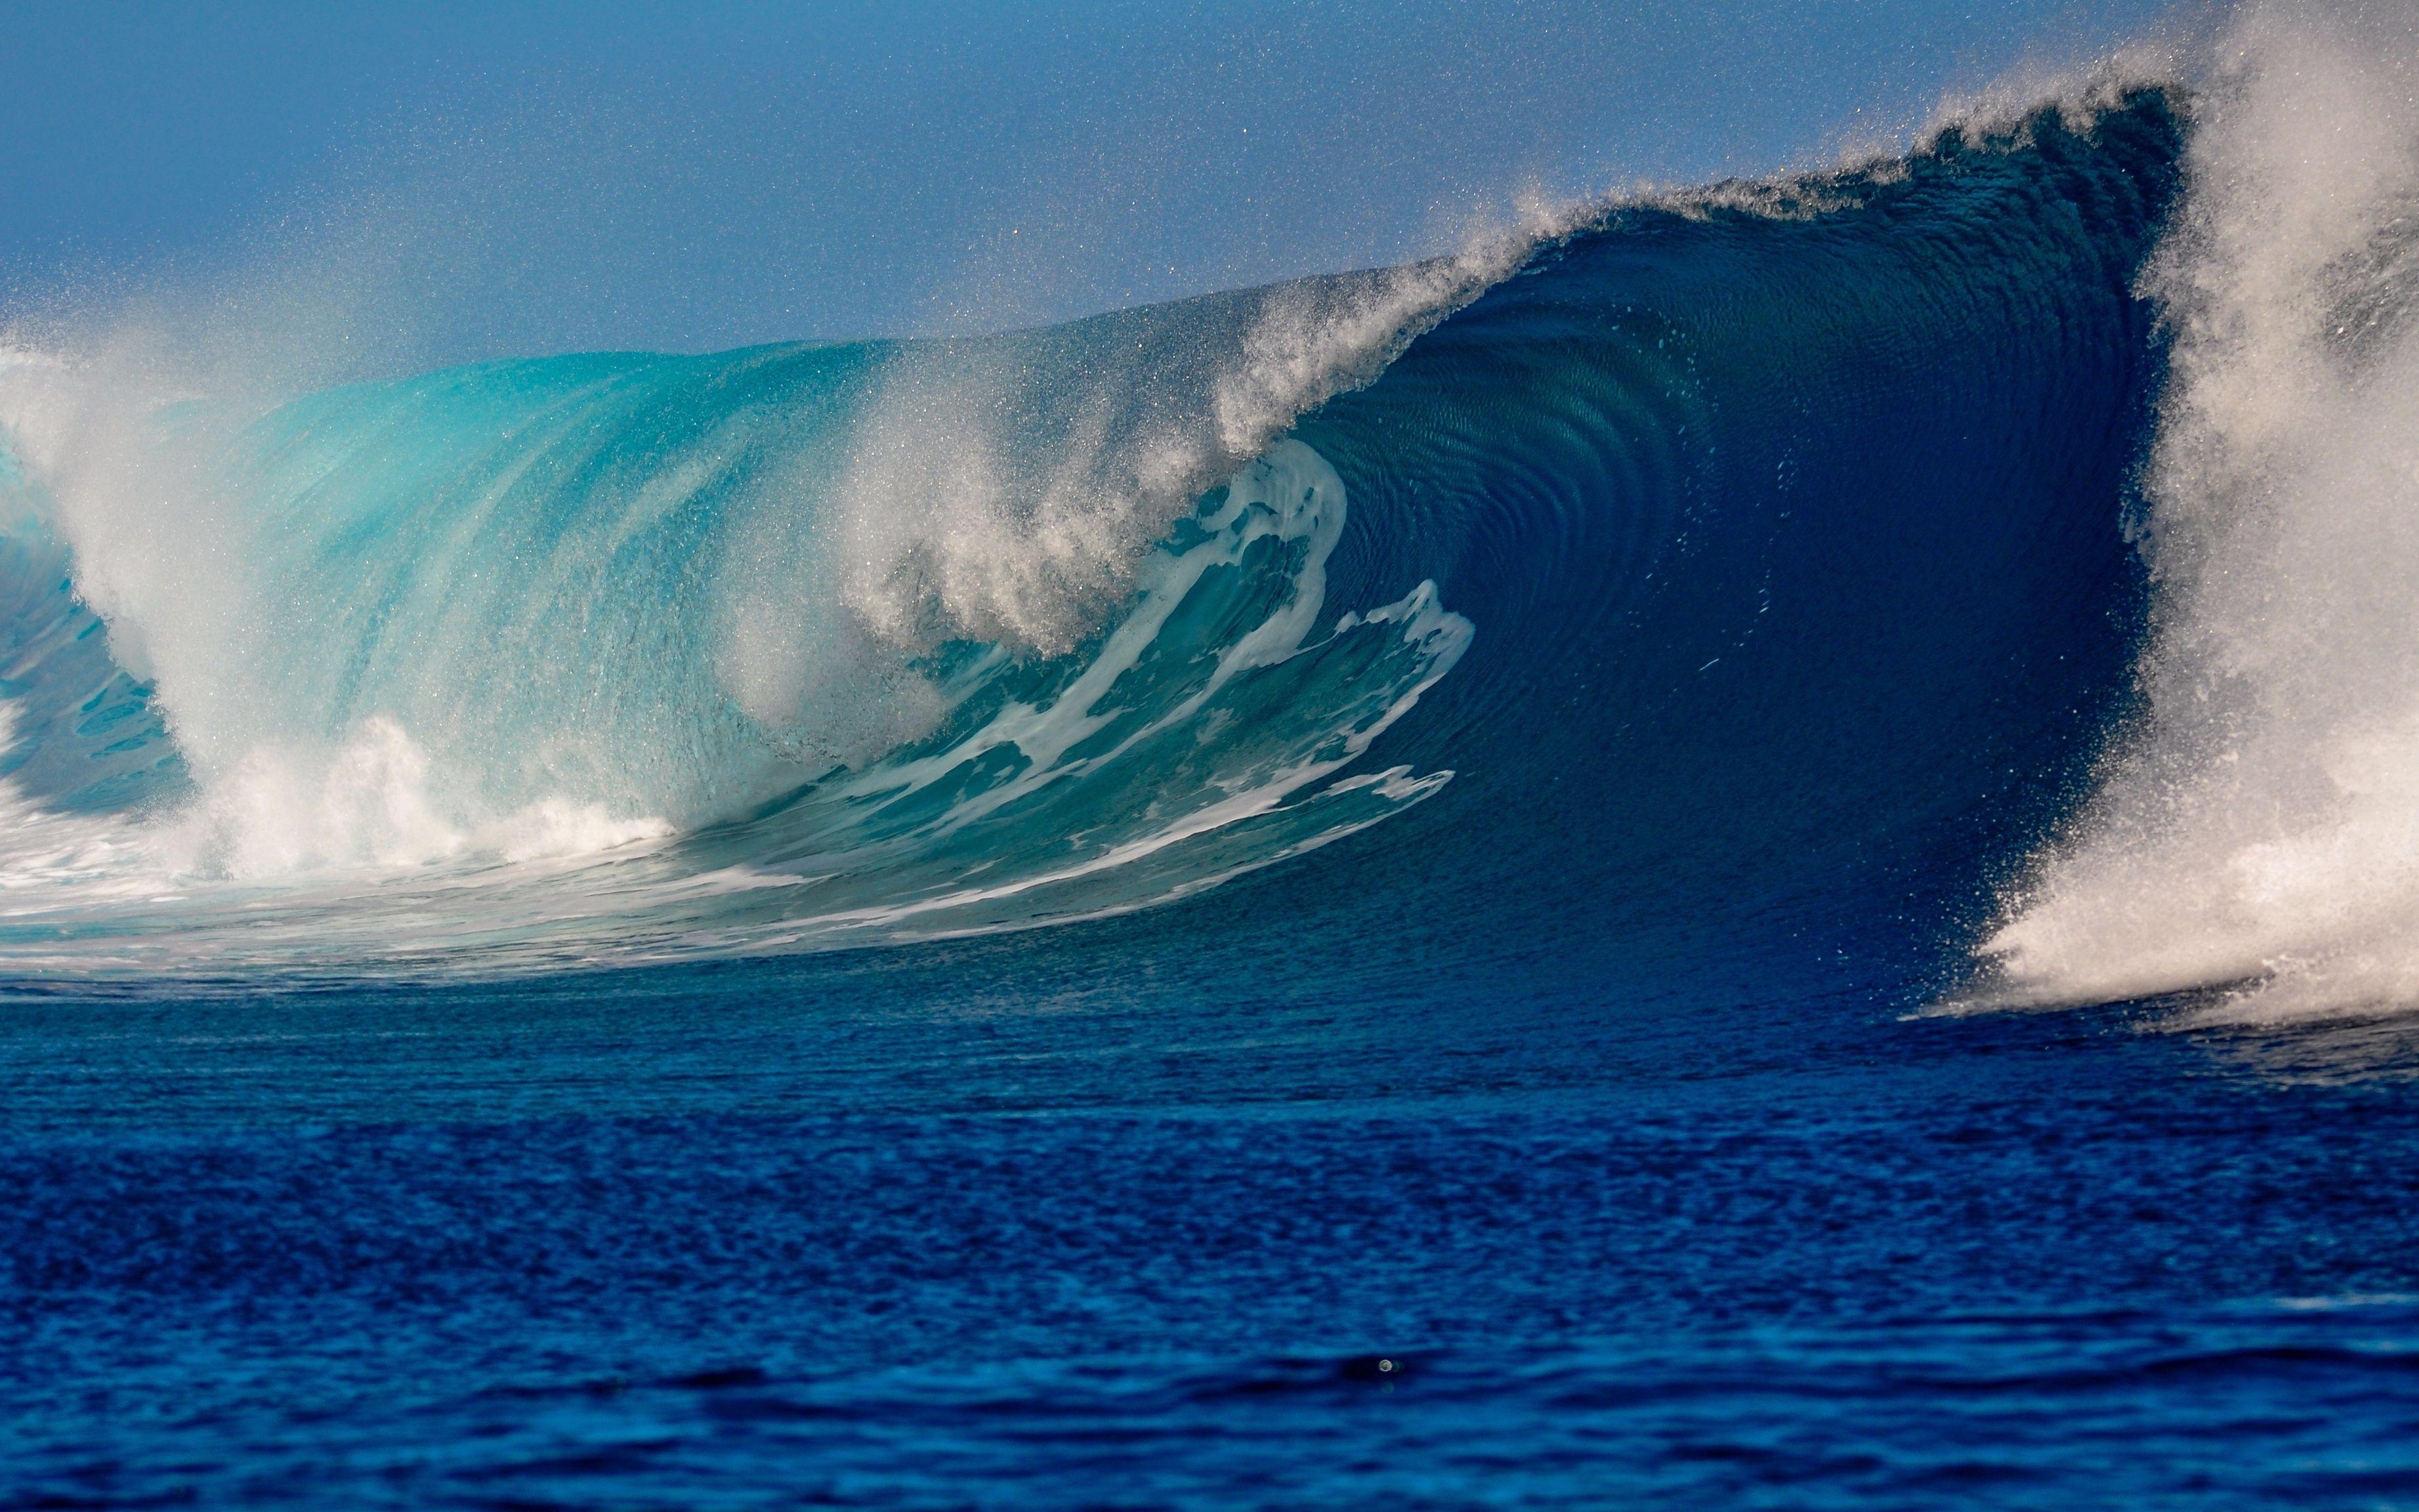 называют фото океанических волн полагая